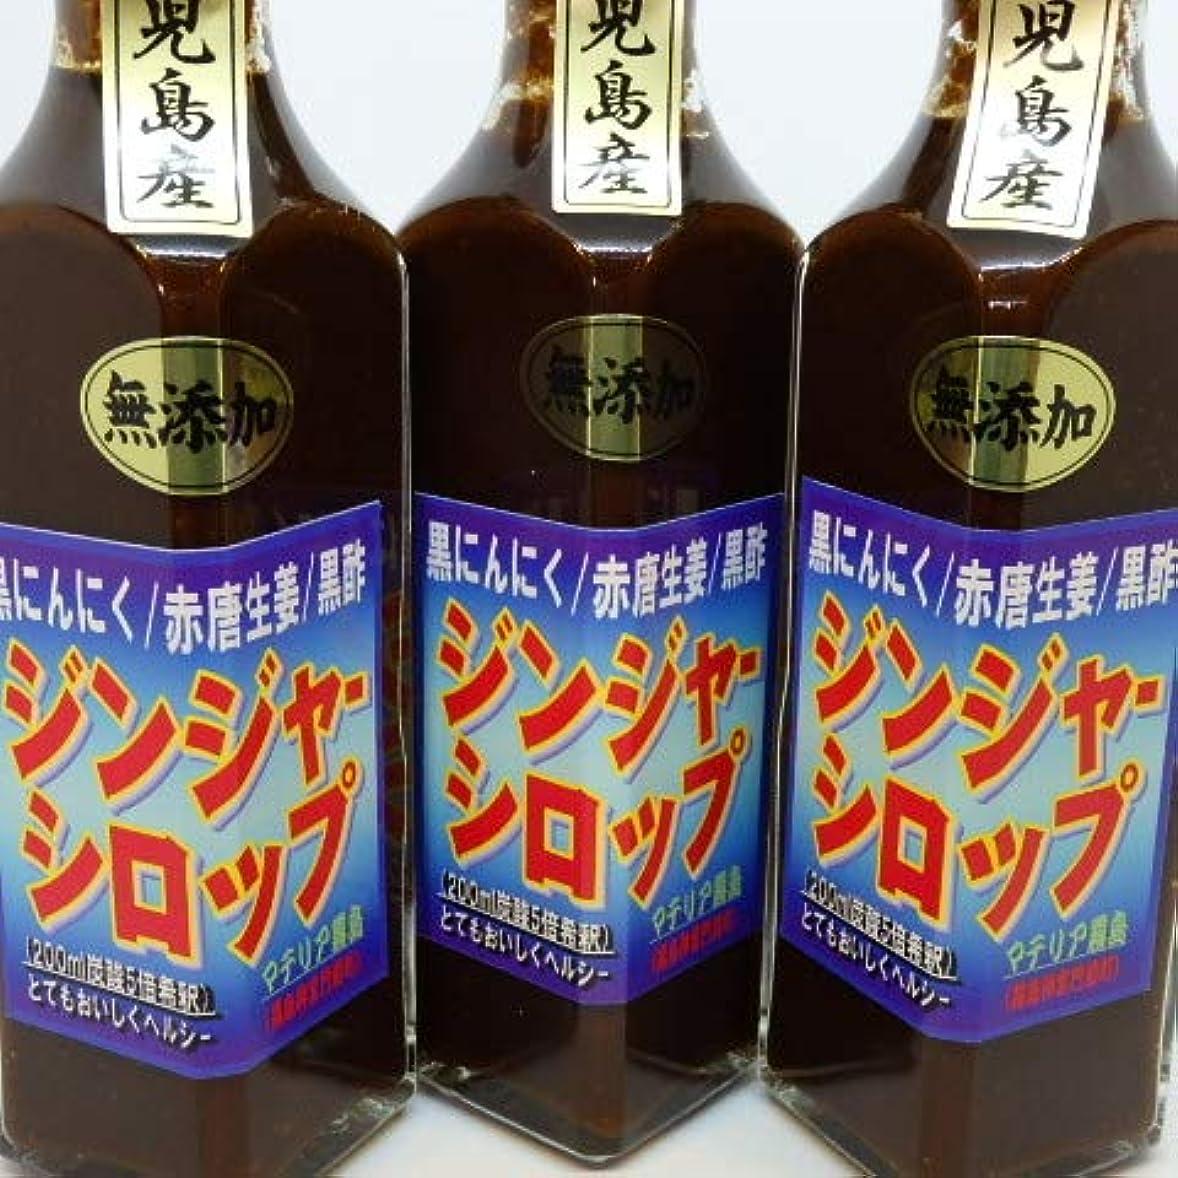 露出度の高い材料劇的無添加健康食品/黒酢黒ジンジャ-/無添加/200ml×3組90日分¥10,800